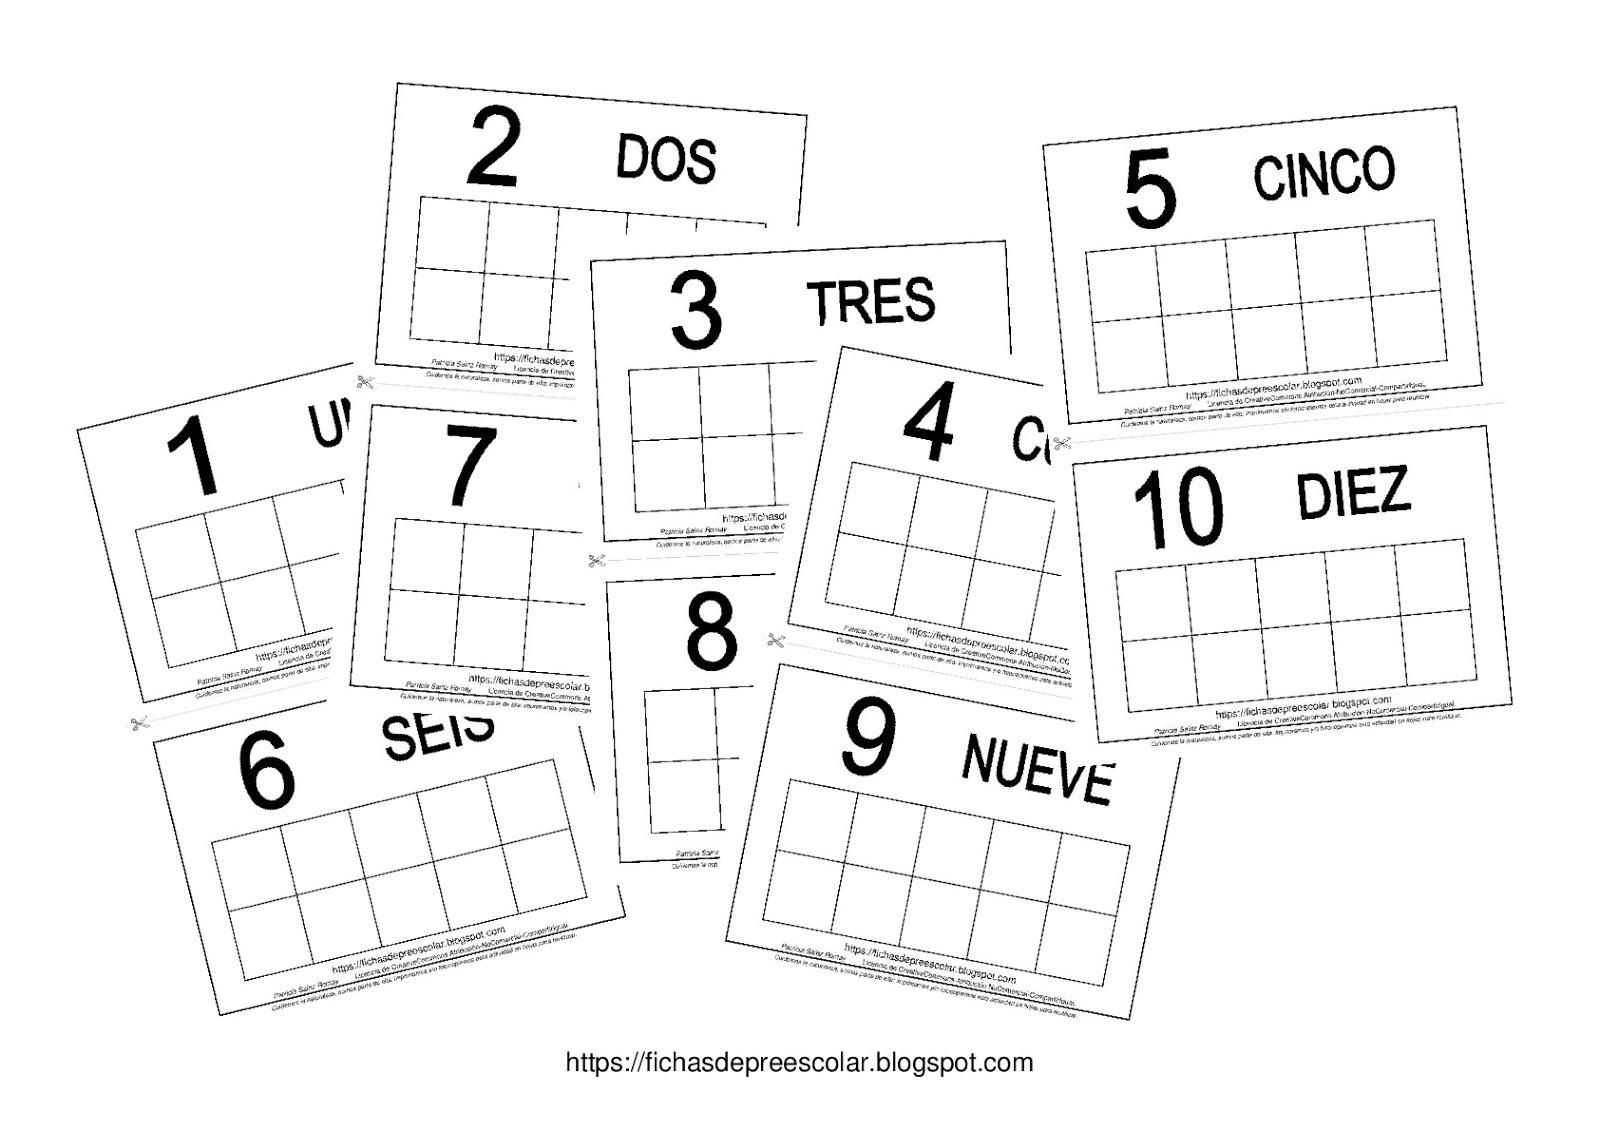 FICHAS DE EDUCACIÓN PREESCOLAR: TARJETAS DE CONTEO DEL 1 AL 10